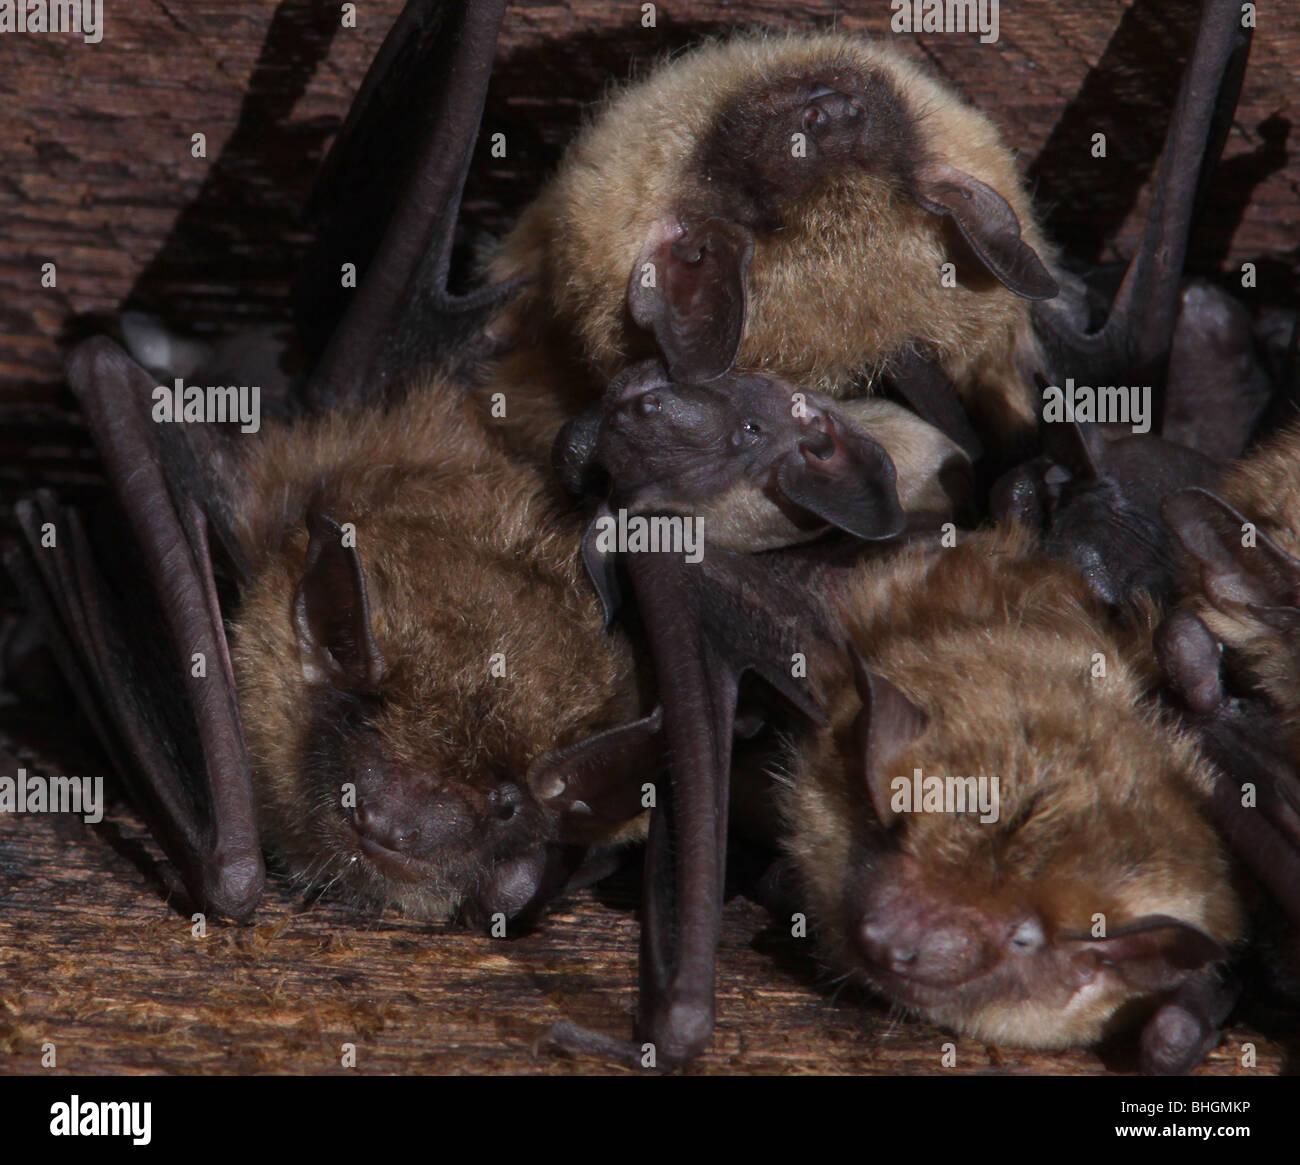 La grande chauve-souris brune colonie de maternité bébés grenier Photo Stock